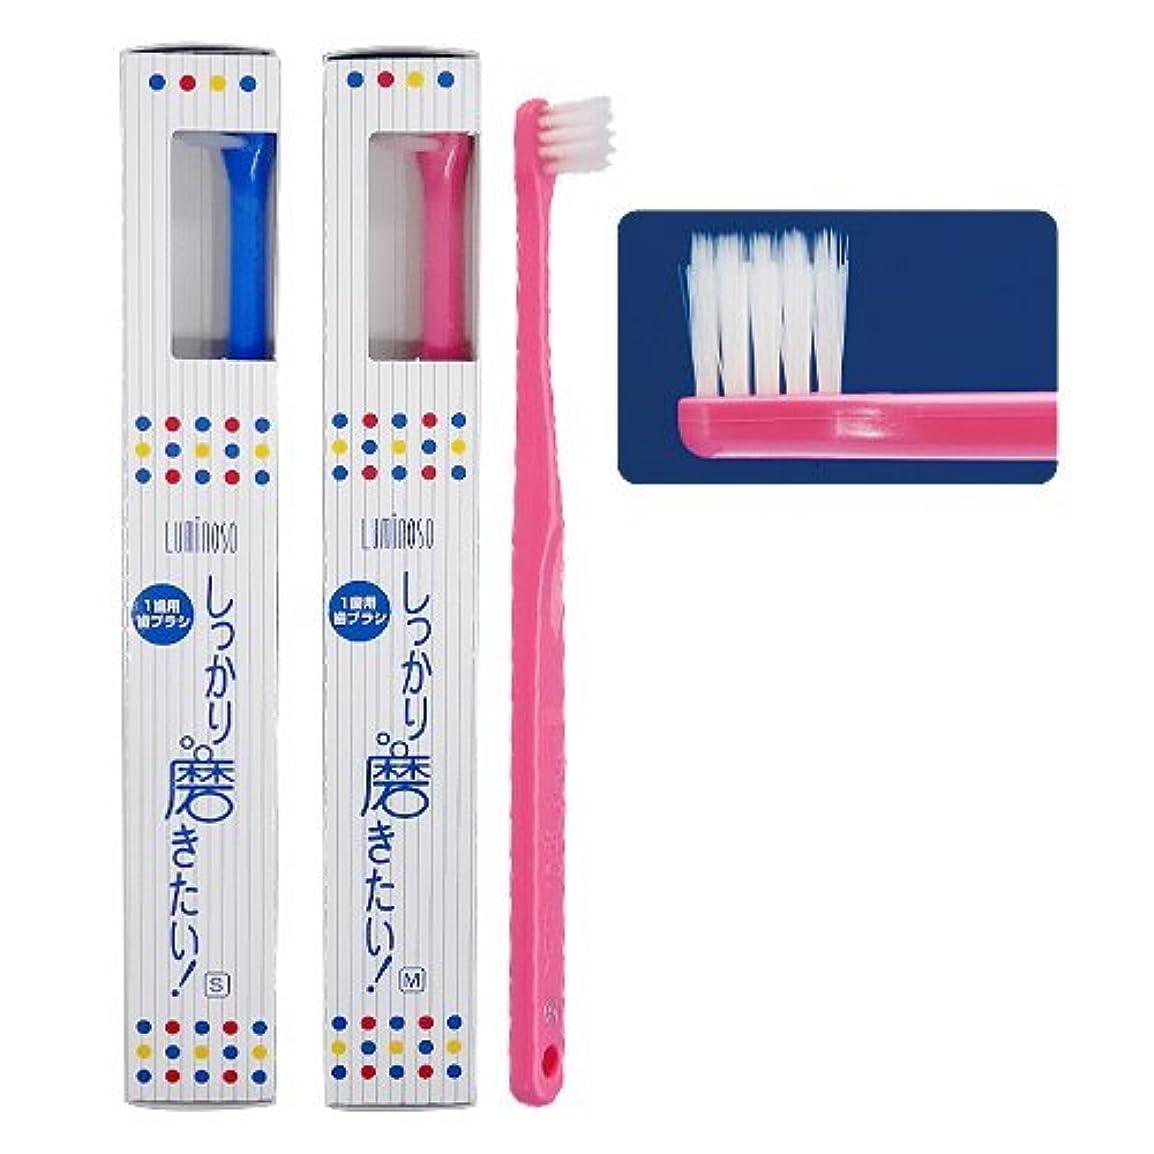 ビスケットドアミラー枝ルミノソ 1歯用歯ブラシ「しっかり磨きたい!」スタンダード ソフト (カラー指定不可) 5本